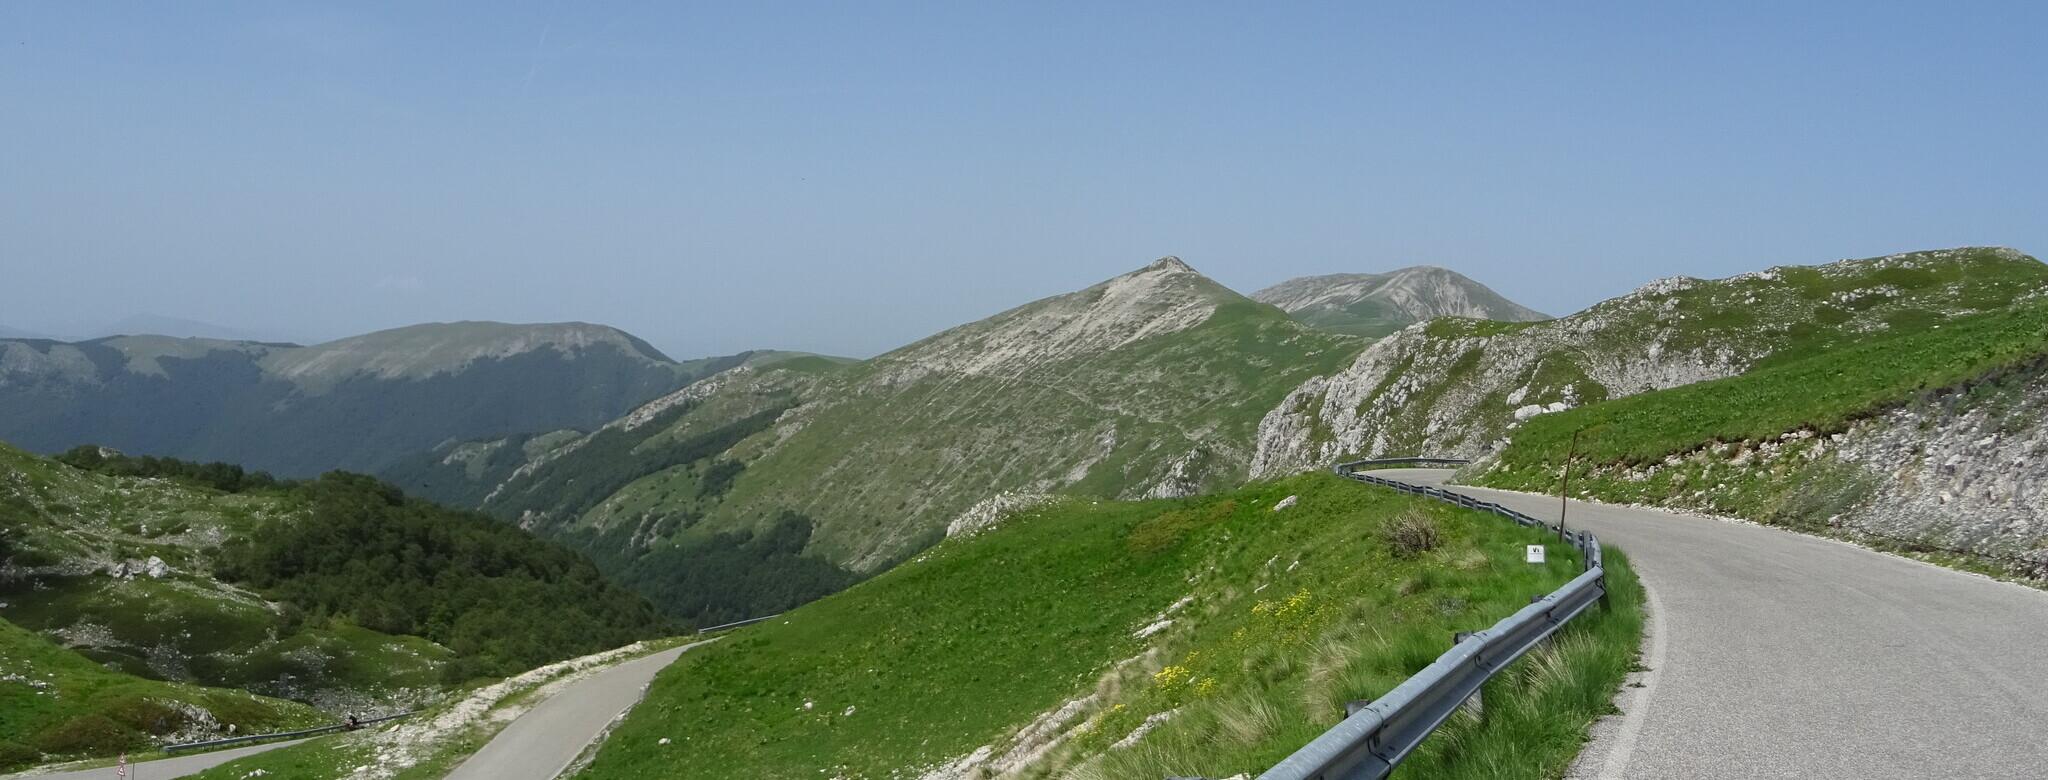 Unbekanntes Hochgebirge...